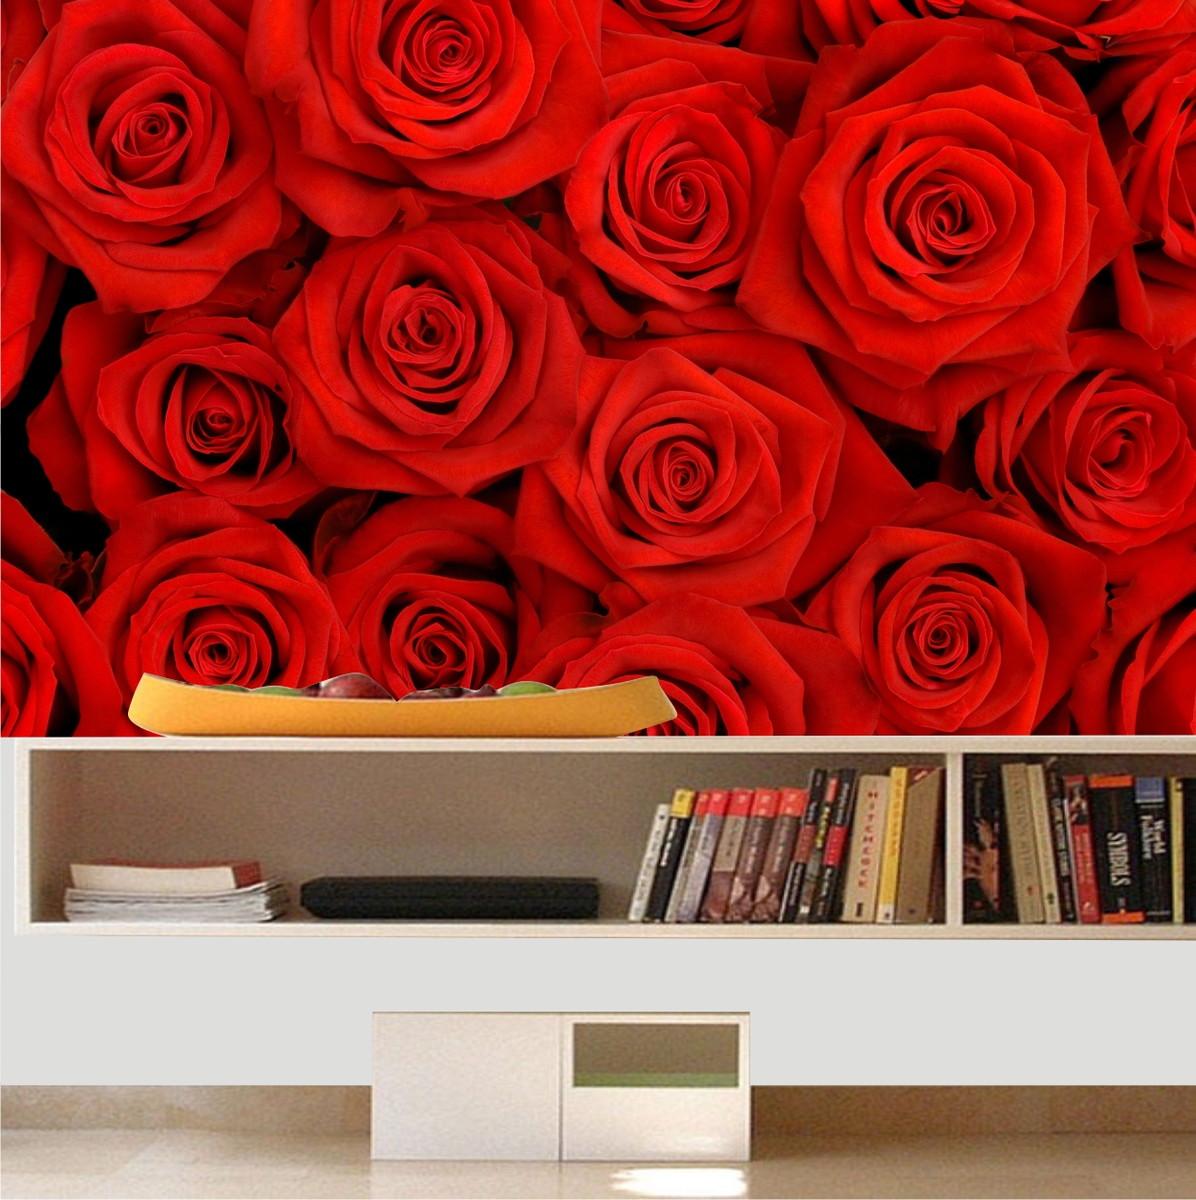 Adesivo papel parede rosas flores quartinhodecorado elo7 - Papel para paredes decorativo ...